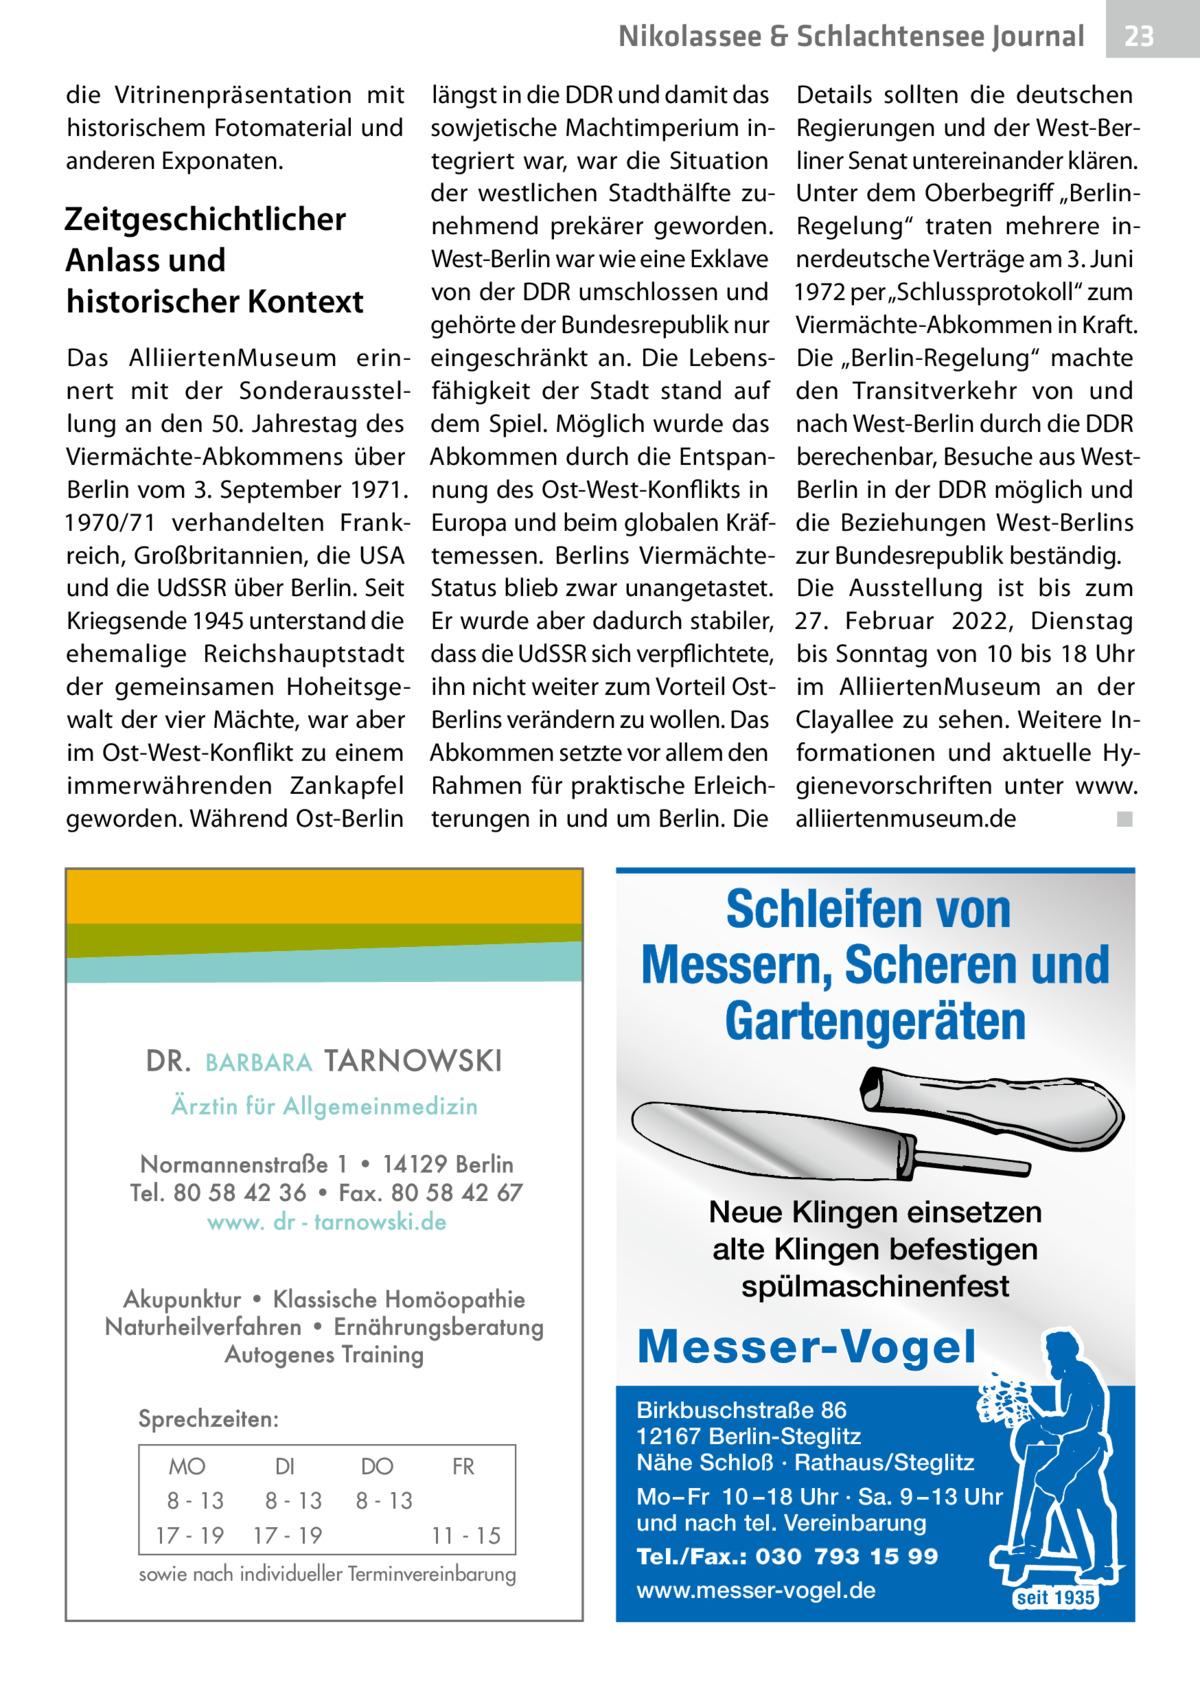 """Nikolassee & Schlachtensee Journal die Vitrinenpräsentation mit längst in die DDR und damit das historischem Fotomaterial und sowjetische Machtimperium inanderen Exponaten. tegriert war, war die Situation der westlichen Stadthälfte zuZeitgeschichtlicher nehmend prekärer geworden. West-Berlin war wie eine Exklave Anlass und von der DDR umschlossen und historischer Kontext gehörte der Bundesrepublik nur Das AlliiertenMuseum erin- eingeschränkt an. Die Lebensnert mit der Sonderausstel- fähigkeit der Stadt stand auf lung an den 50.Jahrestag des dem Spiel. Möglich wurde das Viermächte-Abkommens über Abkommen durch die EntspanBerlin vom 3.September 1971. nung des Ost-West-Konflikts in 1970/71 verhandelten Frank- Europa und beim globalen Kräfreich, Großbritannien, die USA temessen. Berlins Viermächteund die UdSSR über Berlin. Seit Status blieb zwar unangetastet. Kriegsende 1945 unterstand die Er wurde aber dadurch stabiler, ehemalige Reichshauptstadt dass die UdSSR sich verpflichtete, der gemeinsamen Hoheitsge- ihn nicht weiter zum Vorteil Ostwalt der vier Mächte, war aber Berlins verändern zu wollen. Das im Ost-West-Konflikt zu einem Abkommen setzte vor allem den immerwährenden Zankapfel Rahmen für praktische Erleichgeworden. Während Ost-Berlin terungen in und um Berlin. Die  Details sollten die deutschen Regierungen und der West-Berliner Senat untereinander klären. Unter dem Oberbegriff """"BerlinRegelung"""" traten mehrere innerdeutsche Verträge am 3.Juni 1972 per """"Schlussprotokoll"""" zum Viermächte-Abkommen in Kraft. Die """"Berlin-Regelung"""" machte den Transitverkehr von und nach West-Berlin durch die DDR berechenbar, Besuche aus WestBerlin in der DDR möglich und die Beziehungen West-Berlins zur Bundesrepublik beständig. Die Ausstellung ist bis zum 27. Februar 2022, Dienstag bis Sonntag von 10 bis 18Uhr im AlliiertenMuseum an der Clayallee zu sehen. Weitere Informationen und aktuelle Hygienevorschriften unter www. alliiertenmuseum.de ◾  Schleifen von Messern, Scheren und Gartenge"""